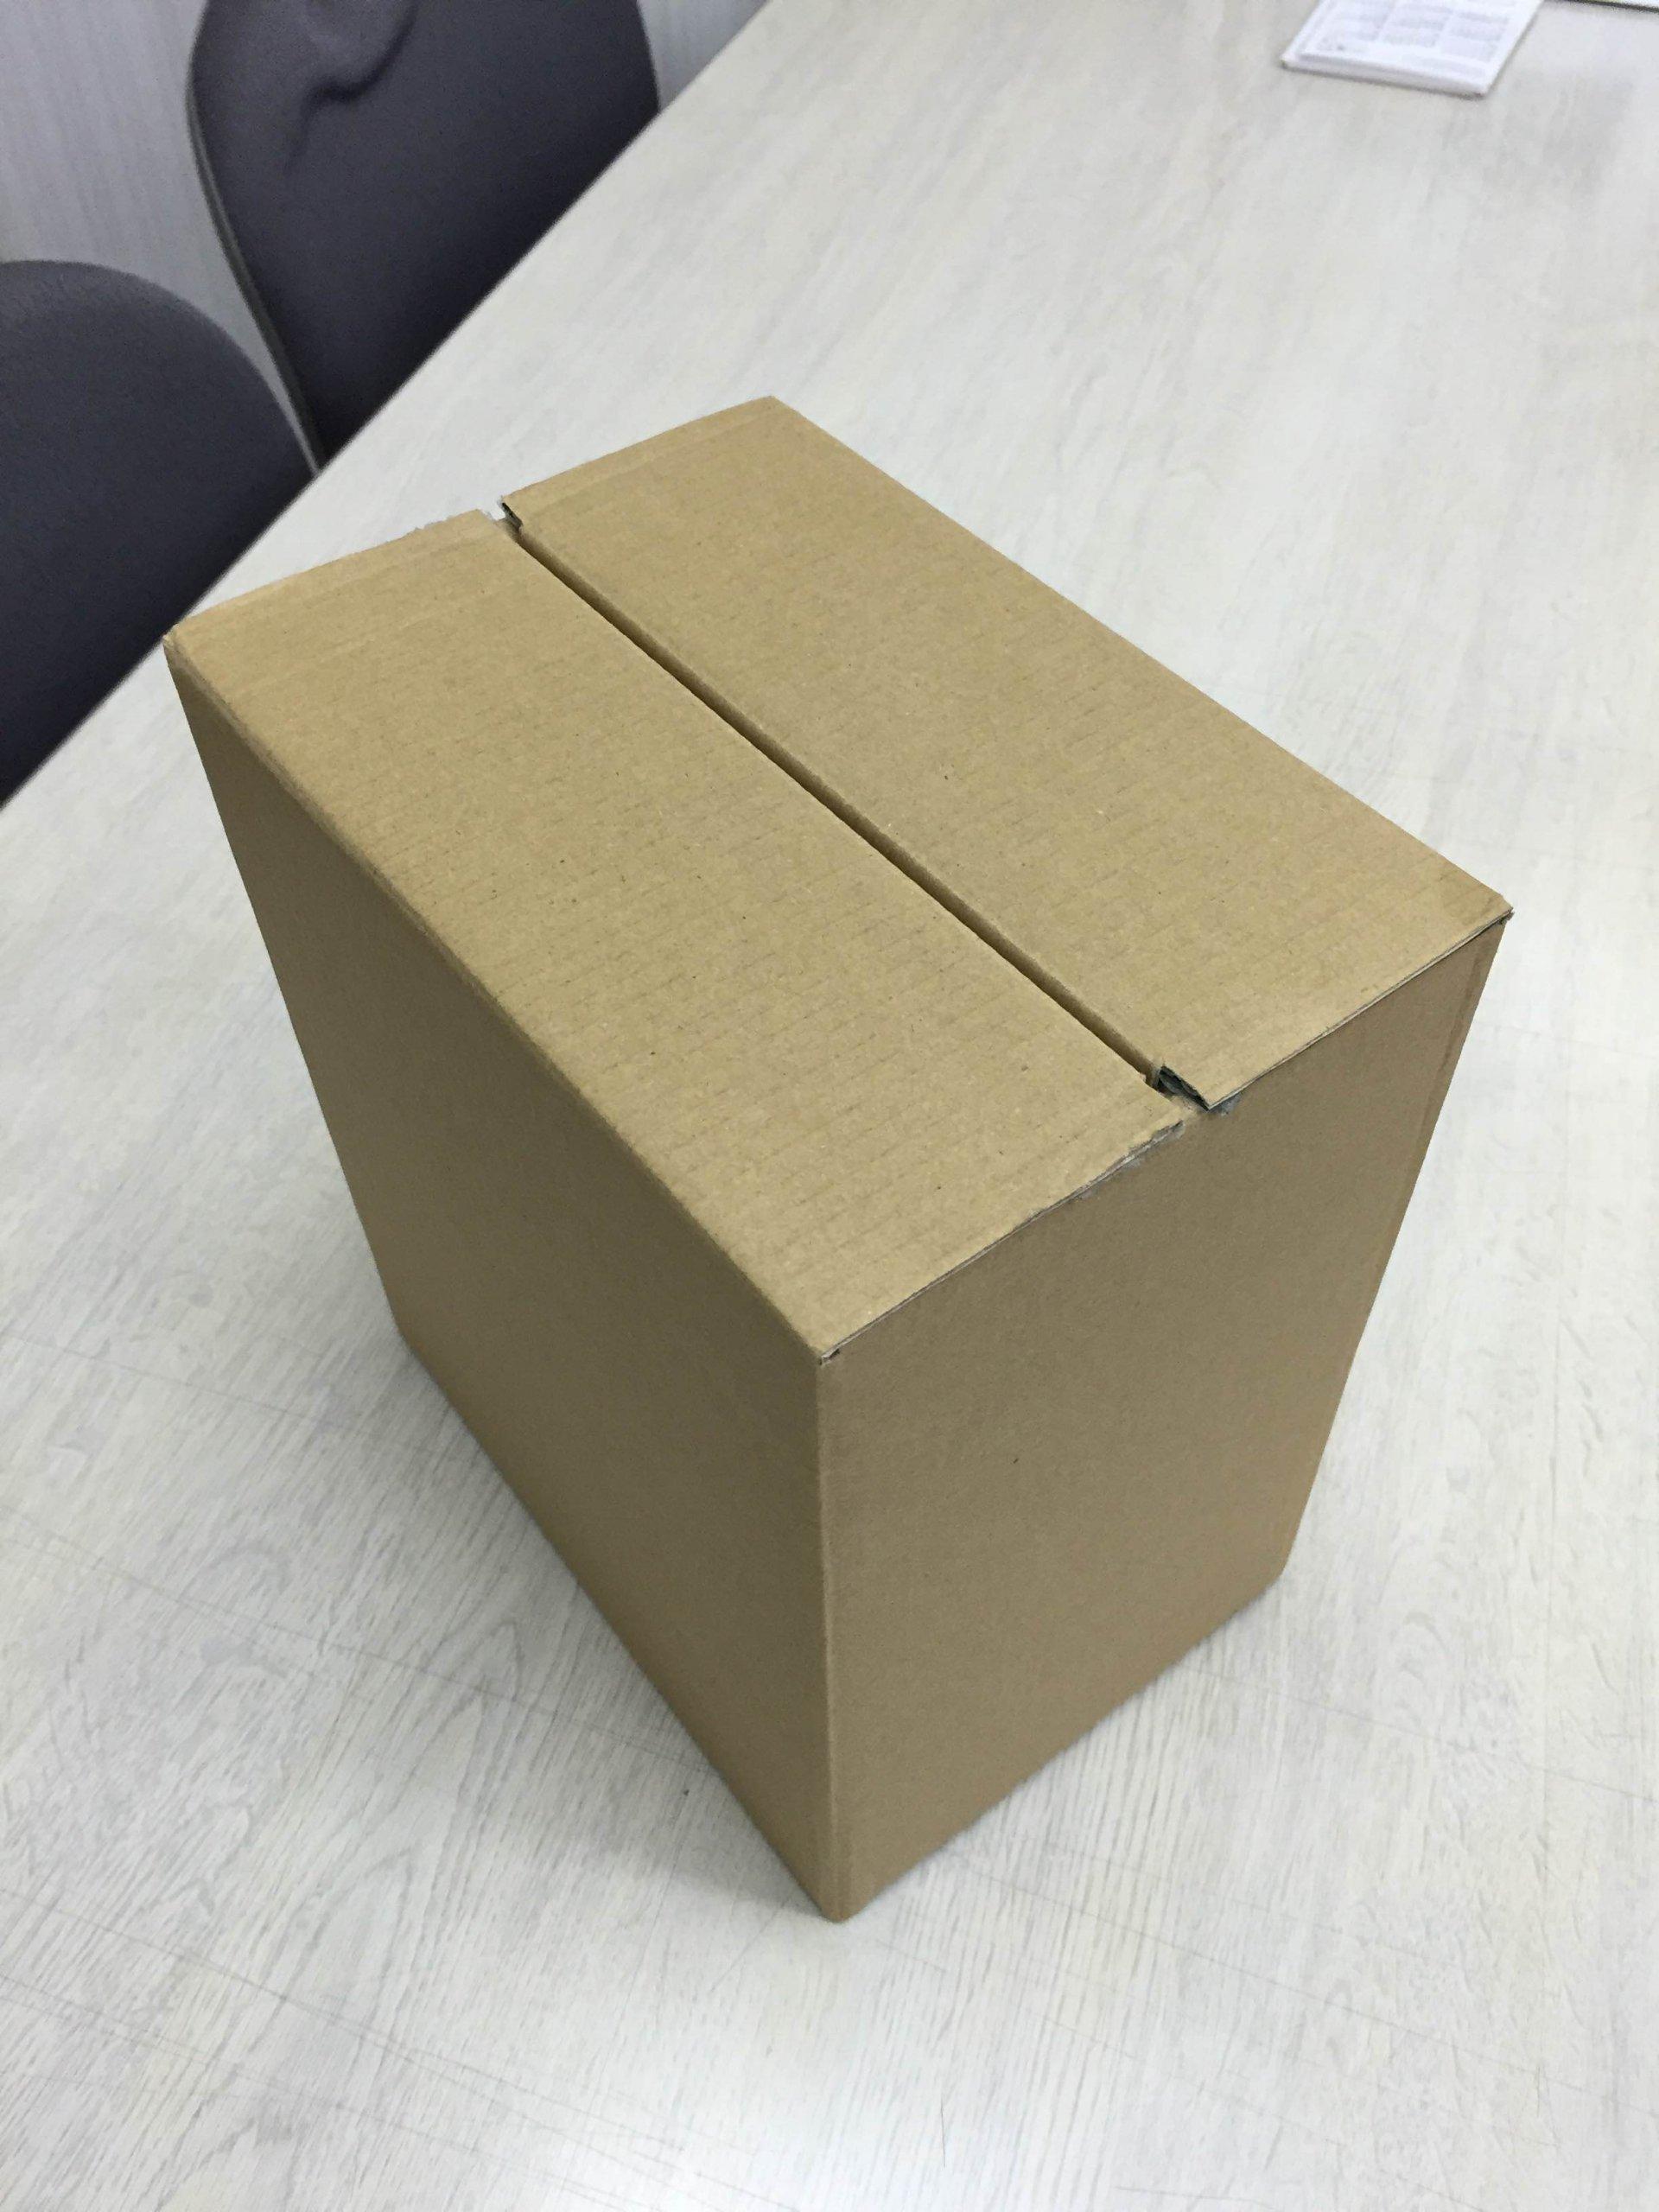 ご注文を頂いた紙箱を販売するために外装段ボールが必要です